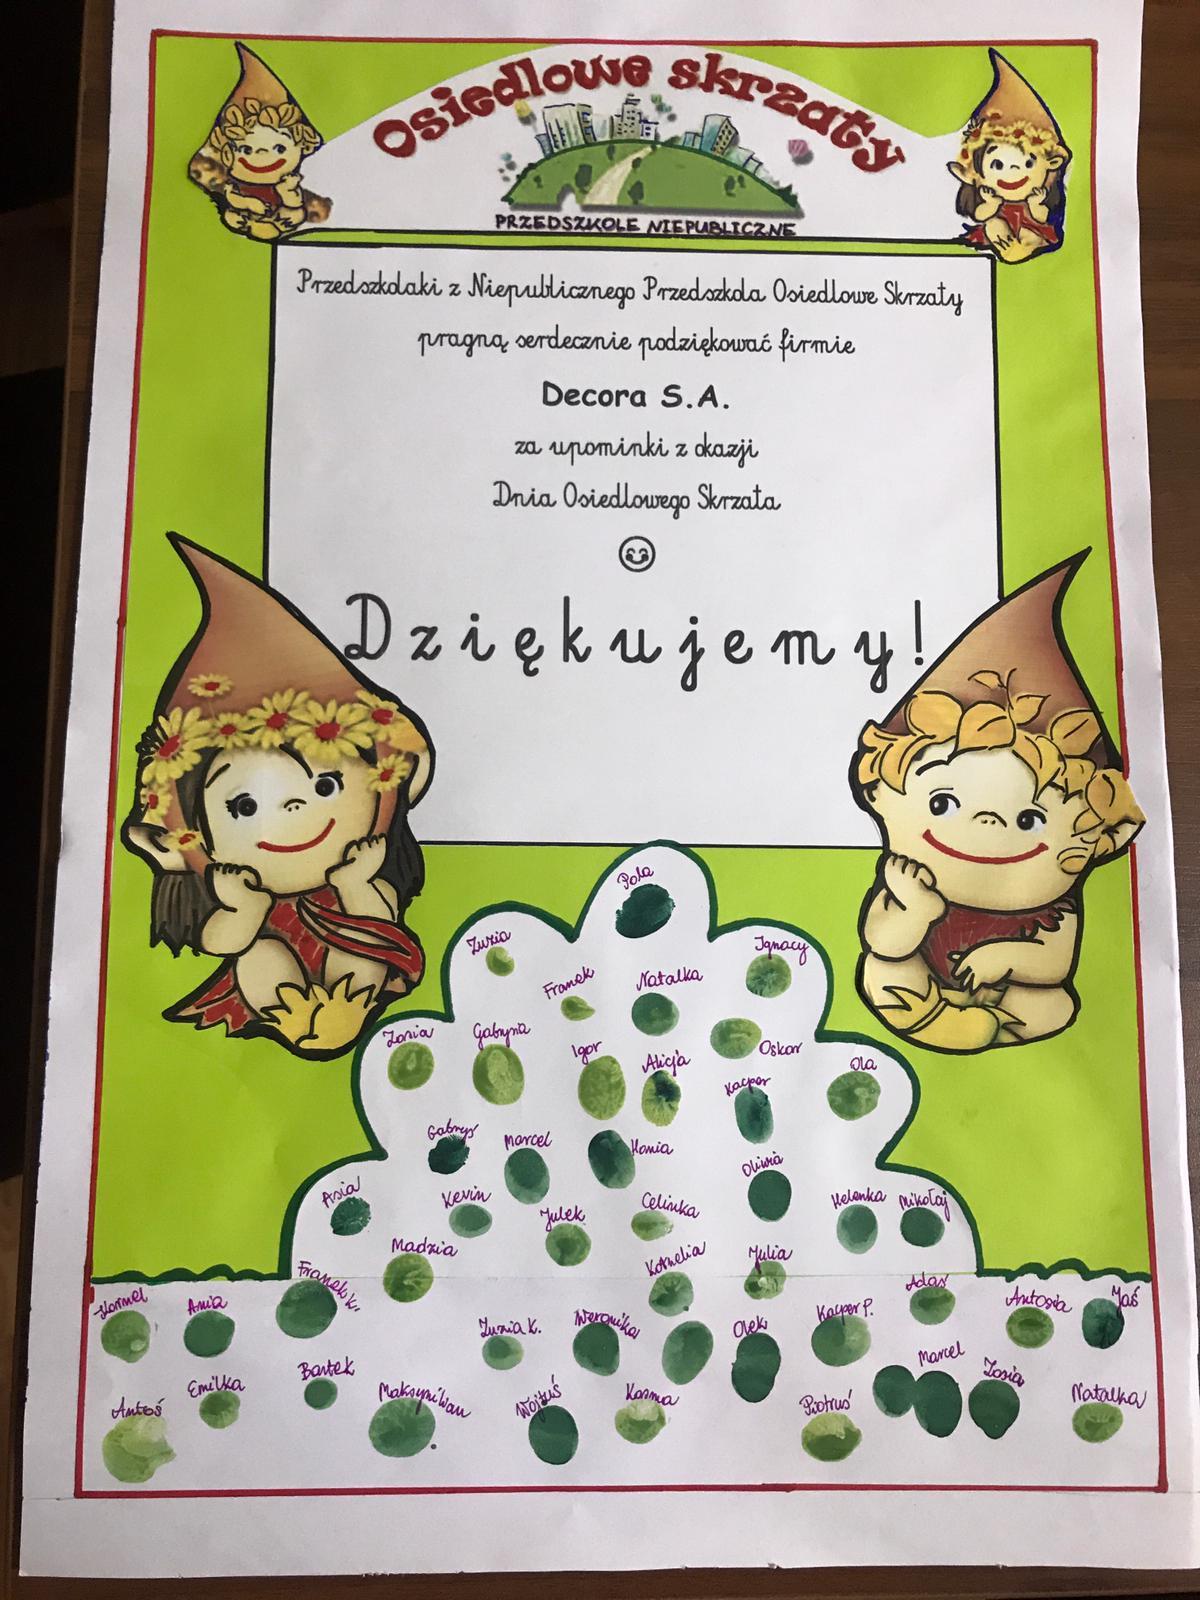 Ogromnie Podziękowanie dla firmy Decora za upominki dla dzieci z okazji AE49